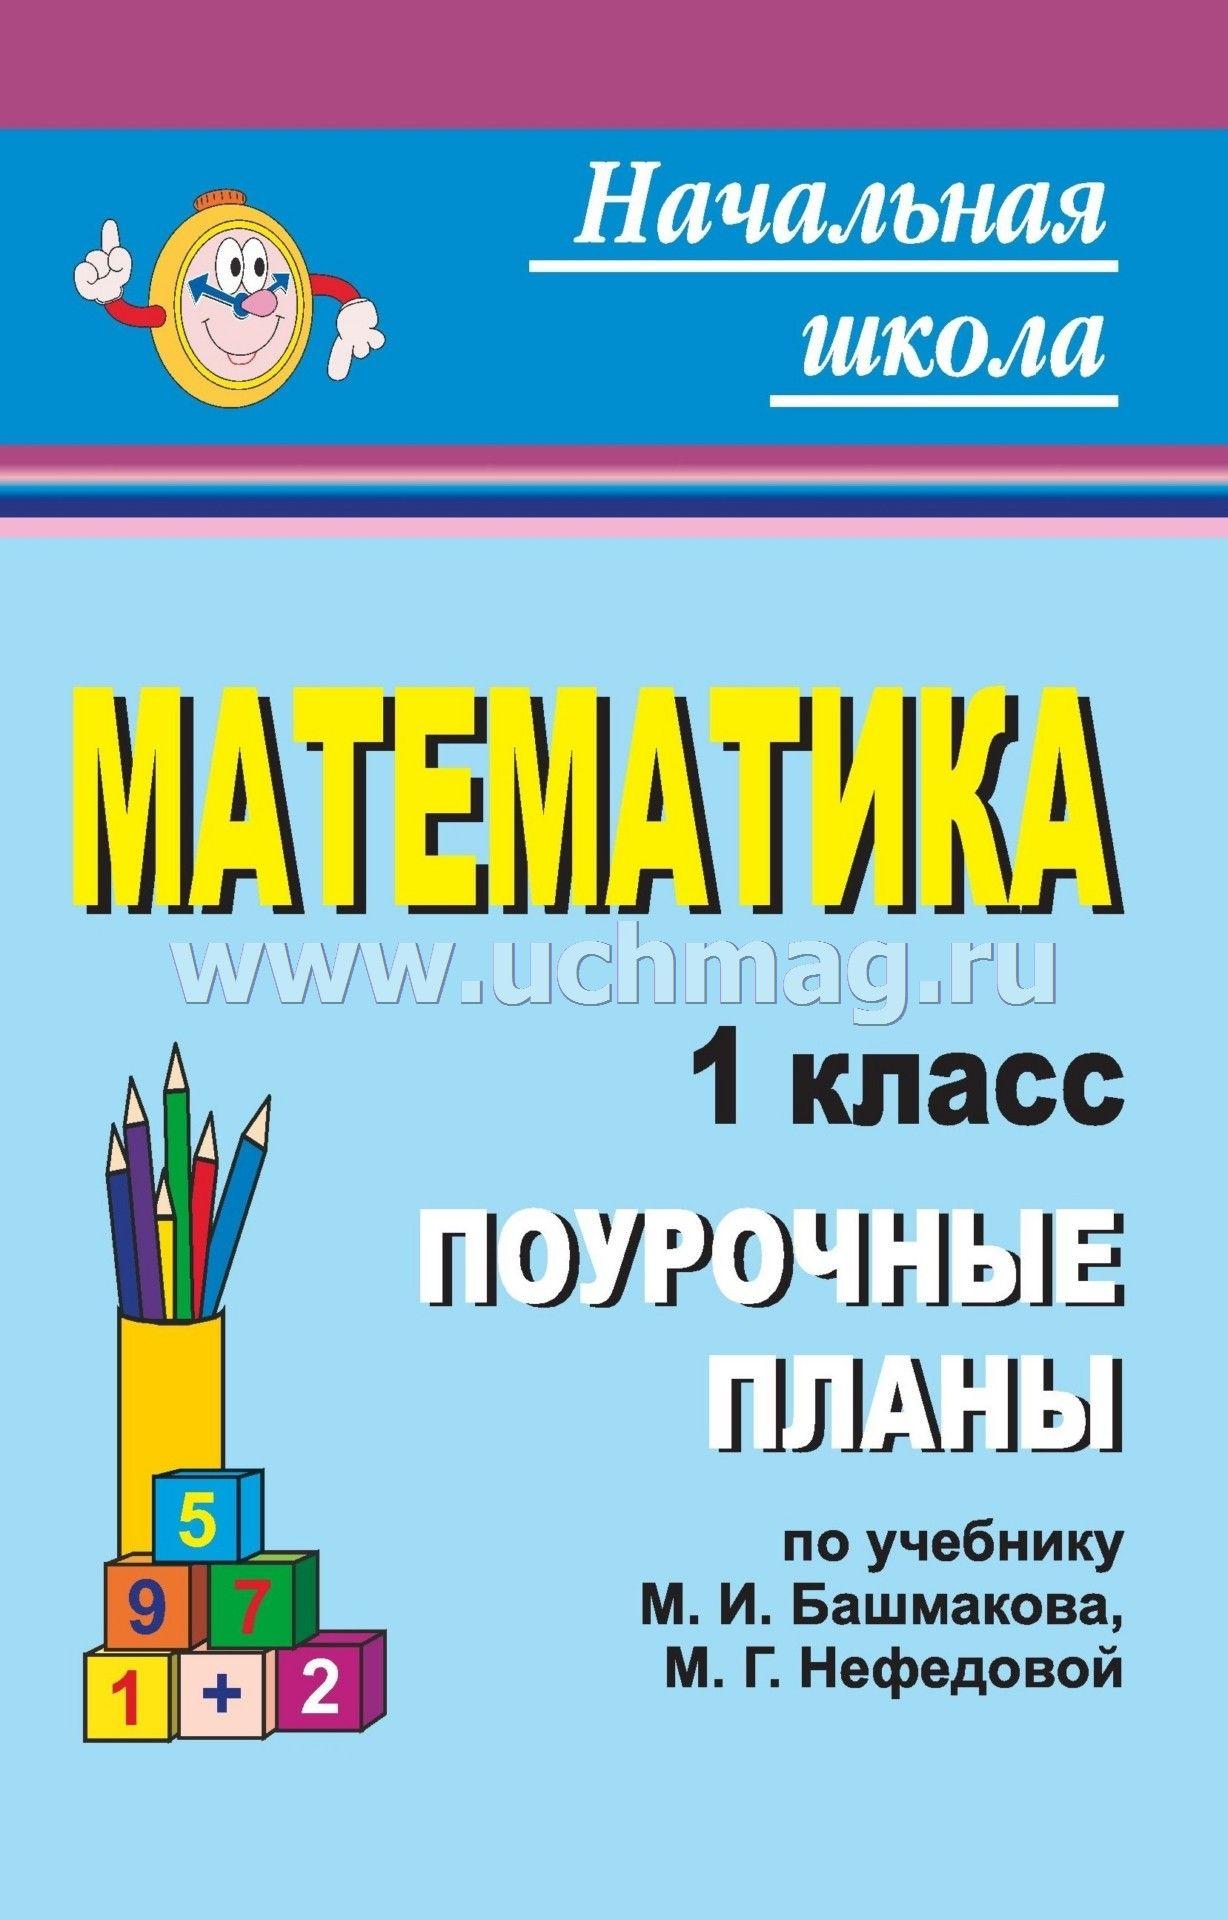 Пjehjxyst разработки по математике 5 класс по учебнику зубарева в рамках фгос